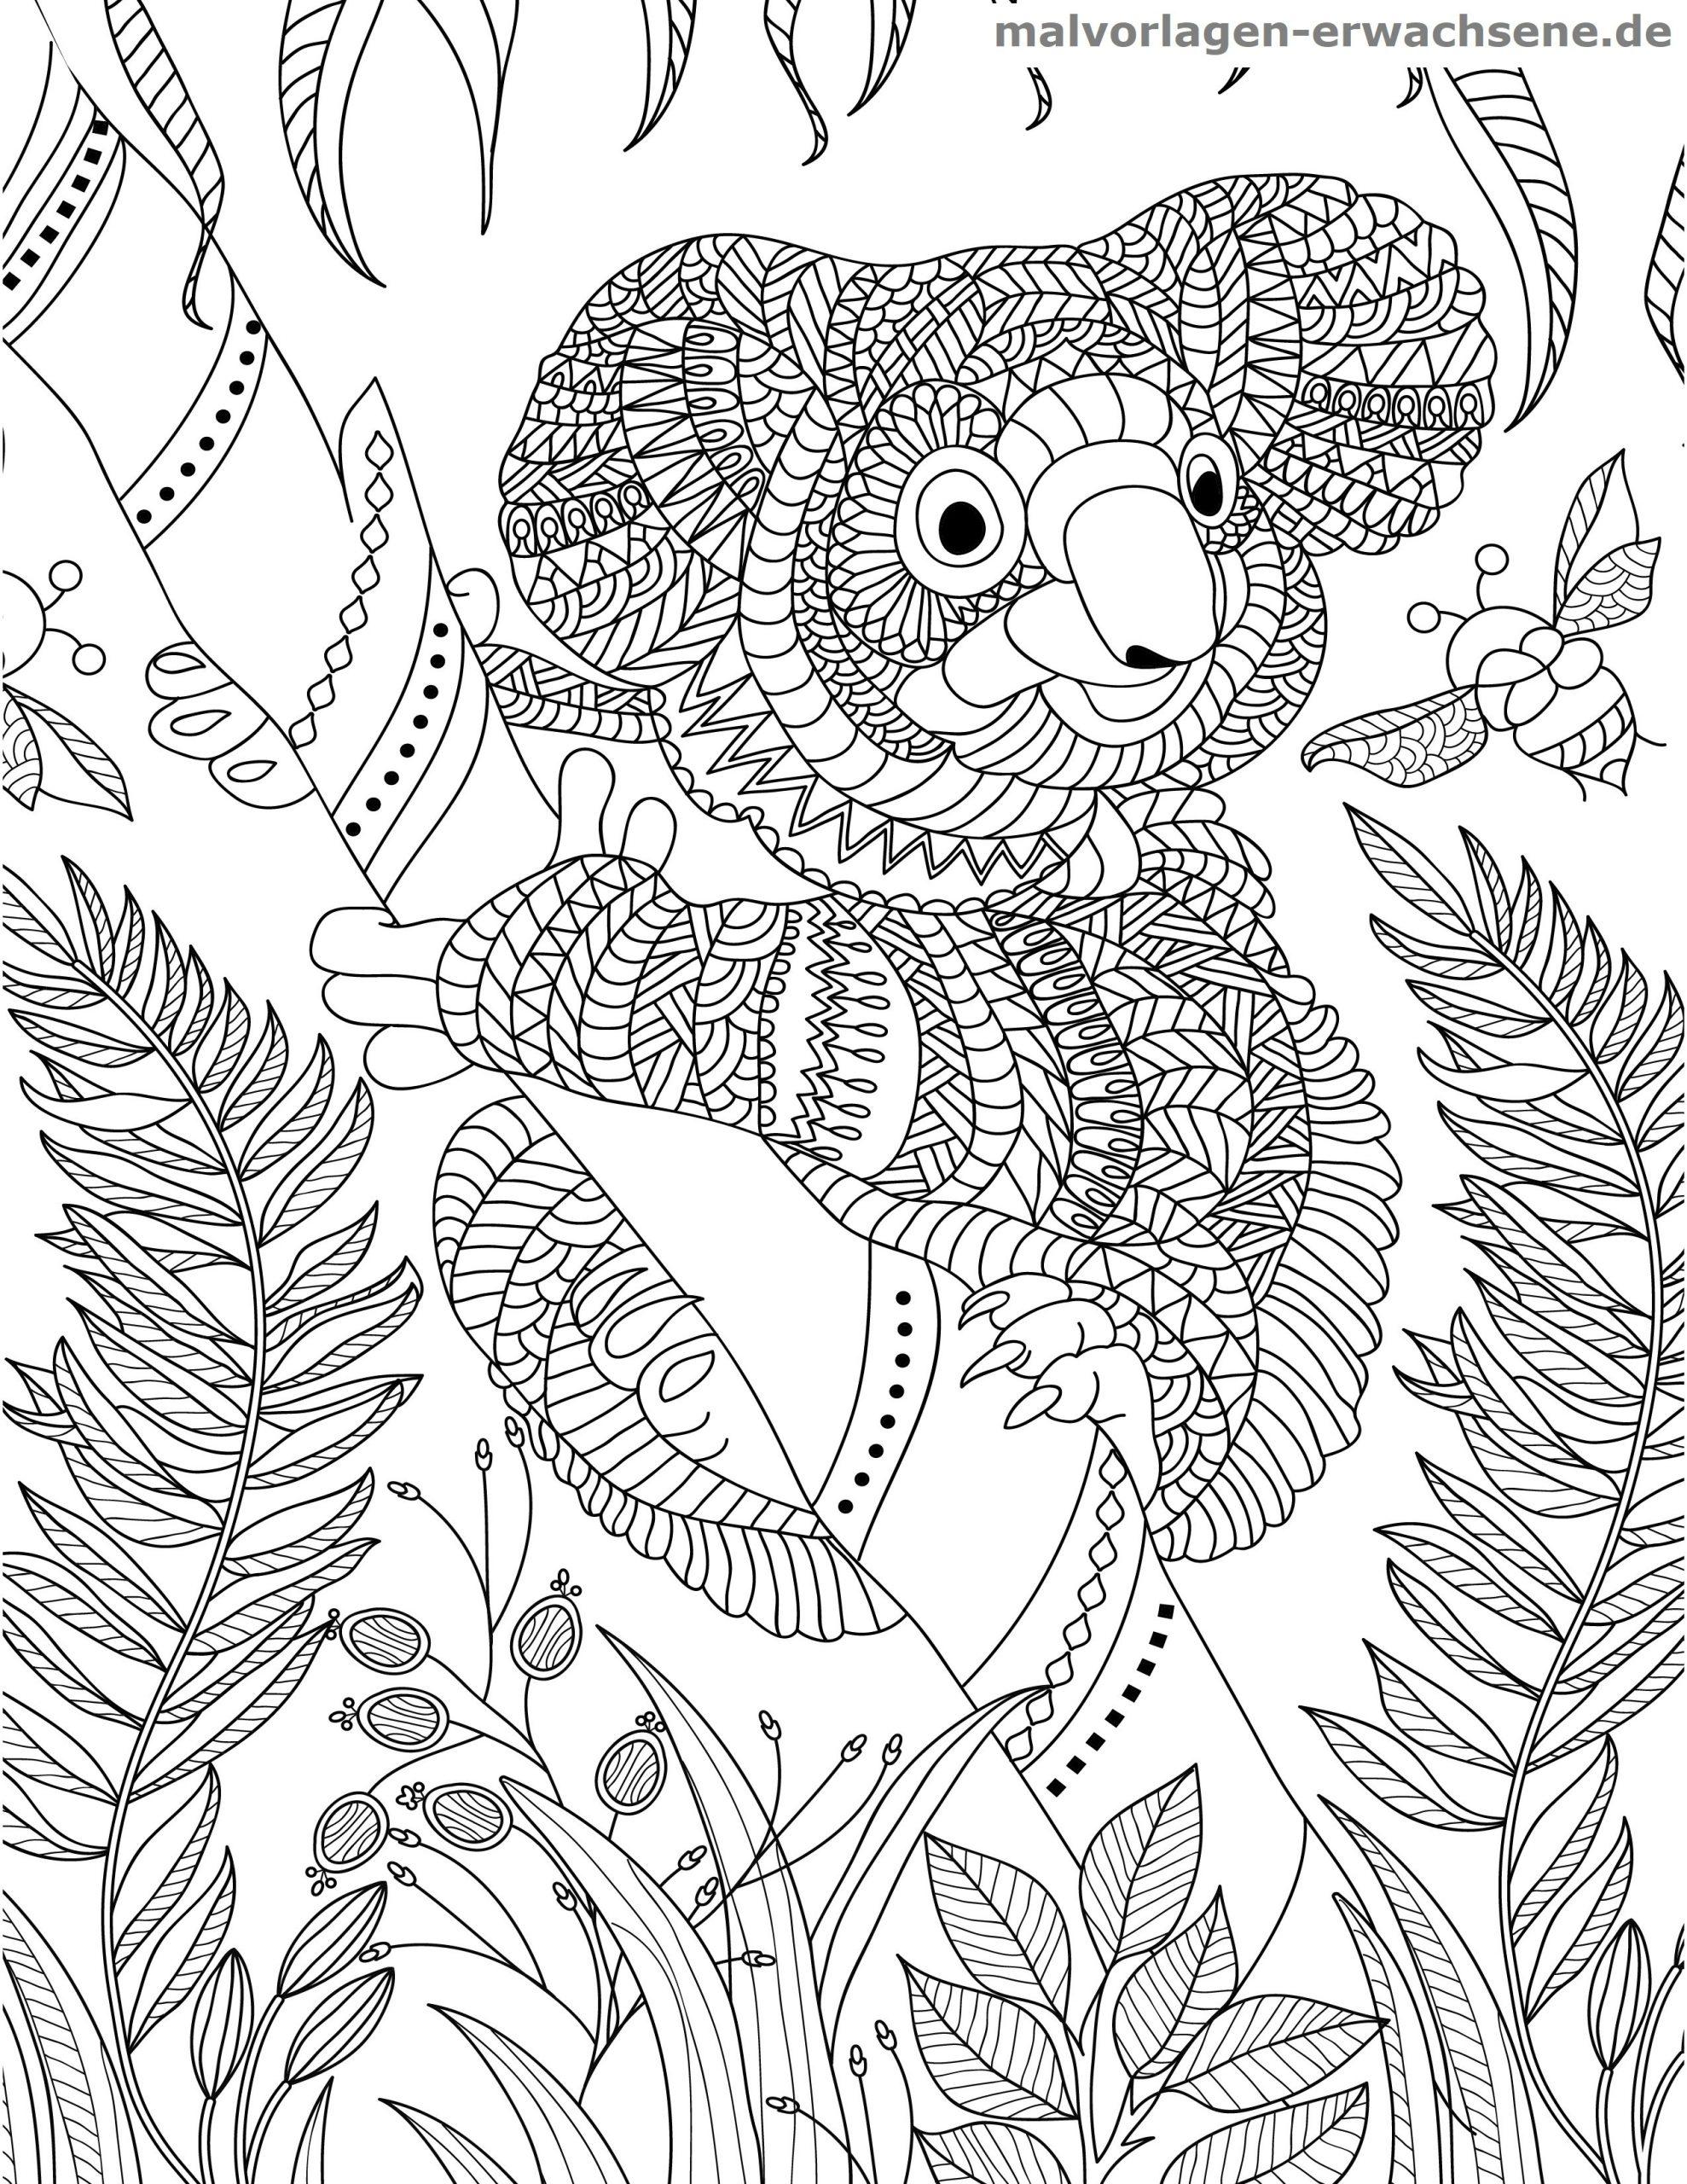 Malvorlage Koala Für Erwachsene - Ausmalbilder Kostenlos mit Malvorlage Koala